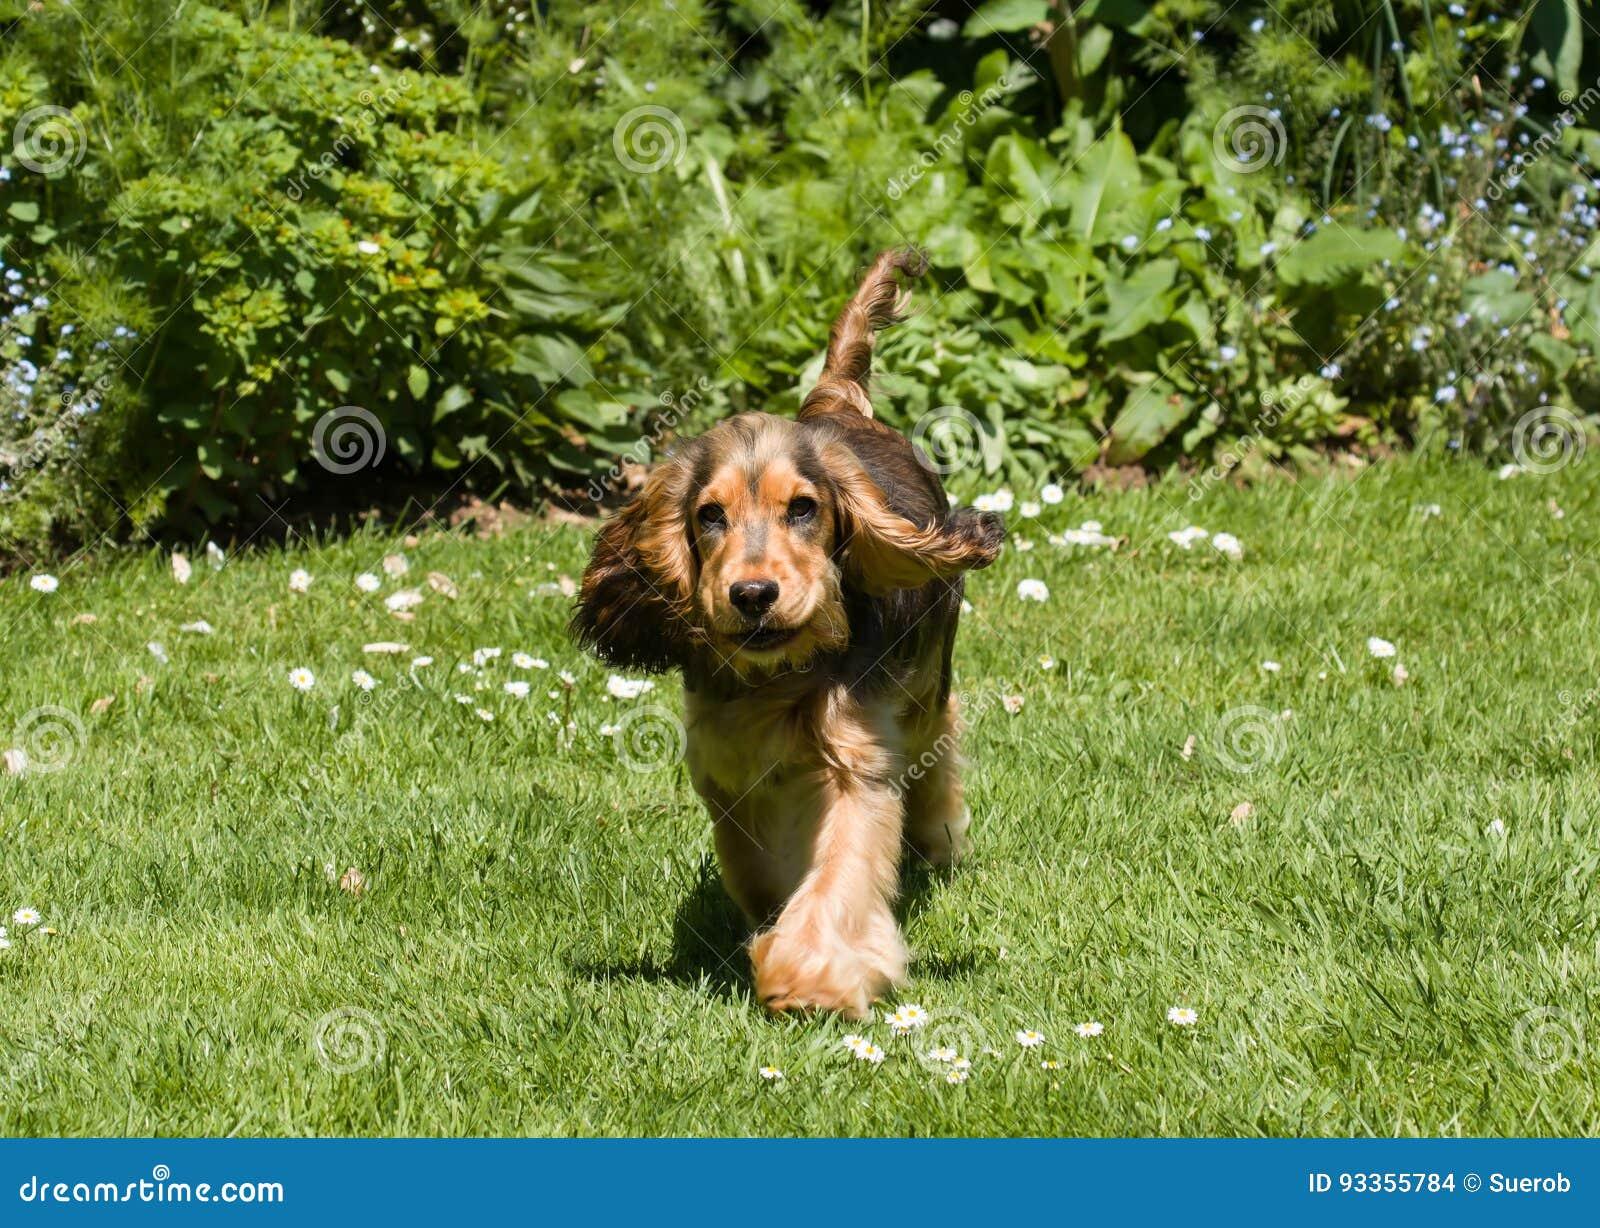 Sbattimento delle orecchie del cucciolo di cocker spaniel di inglese